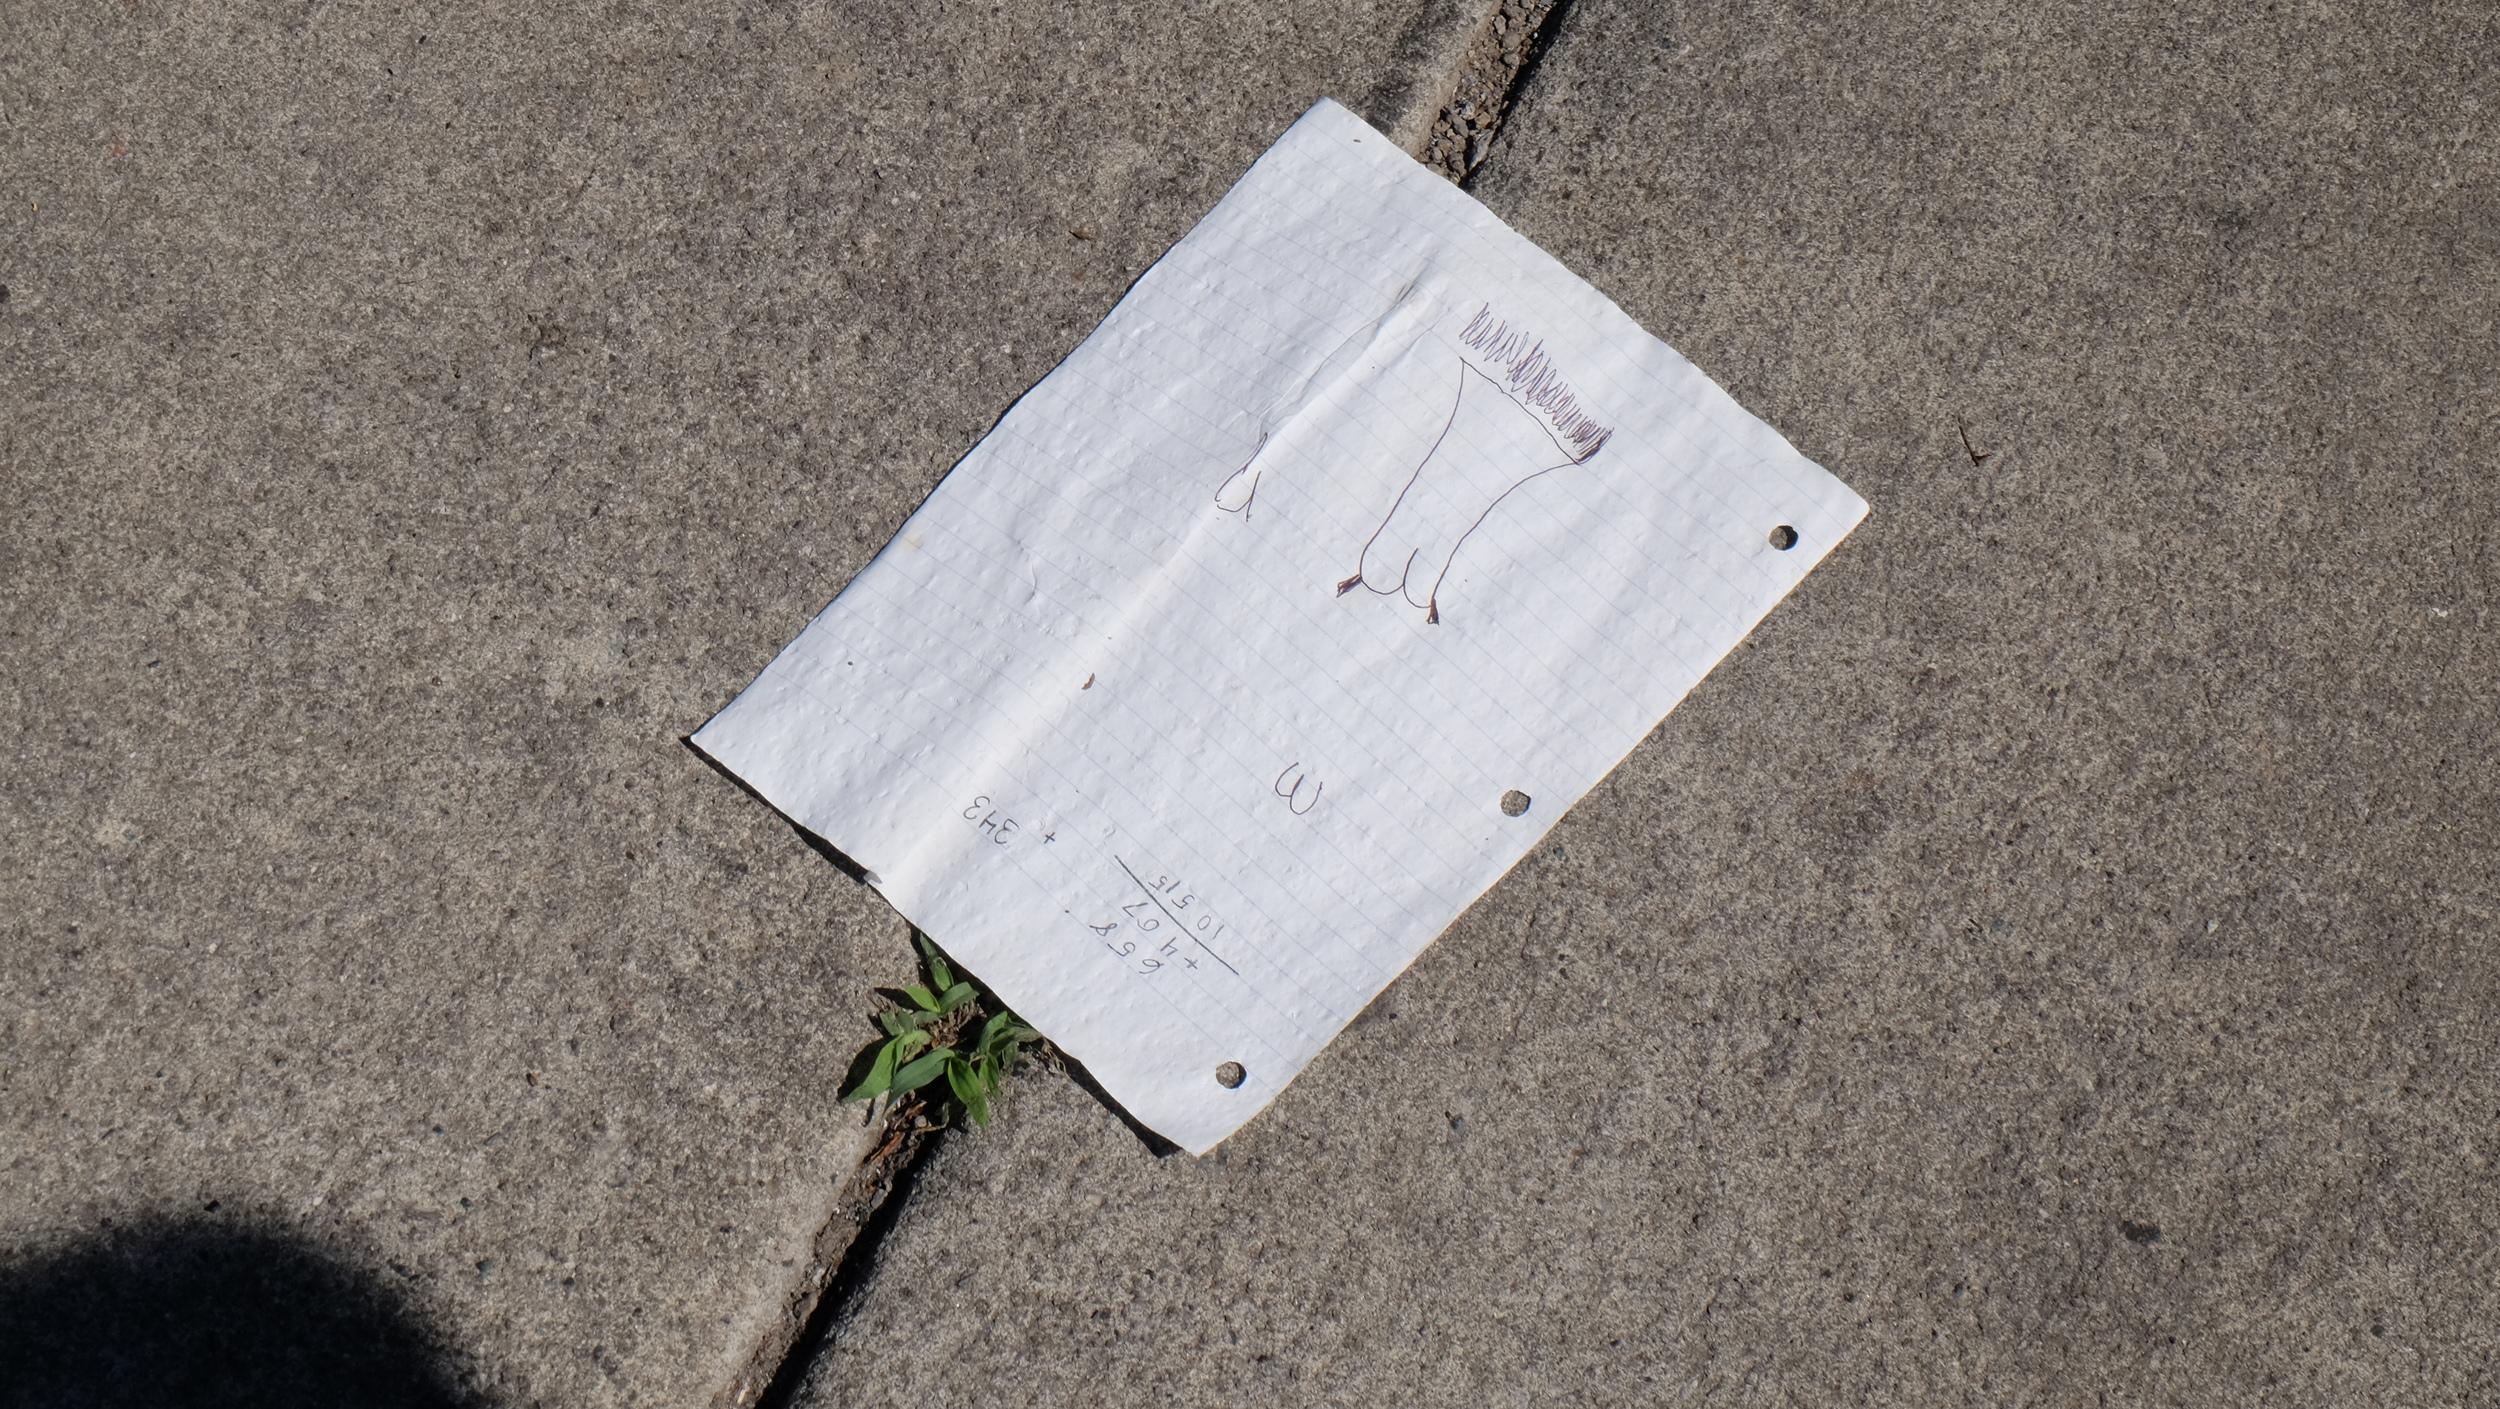 The Strangeness of Litter